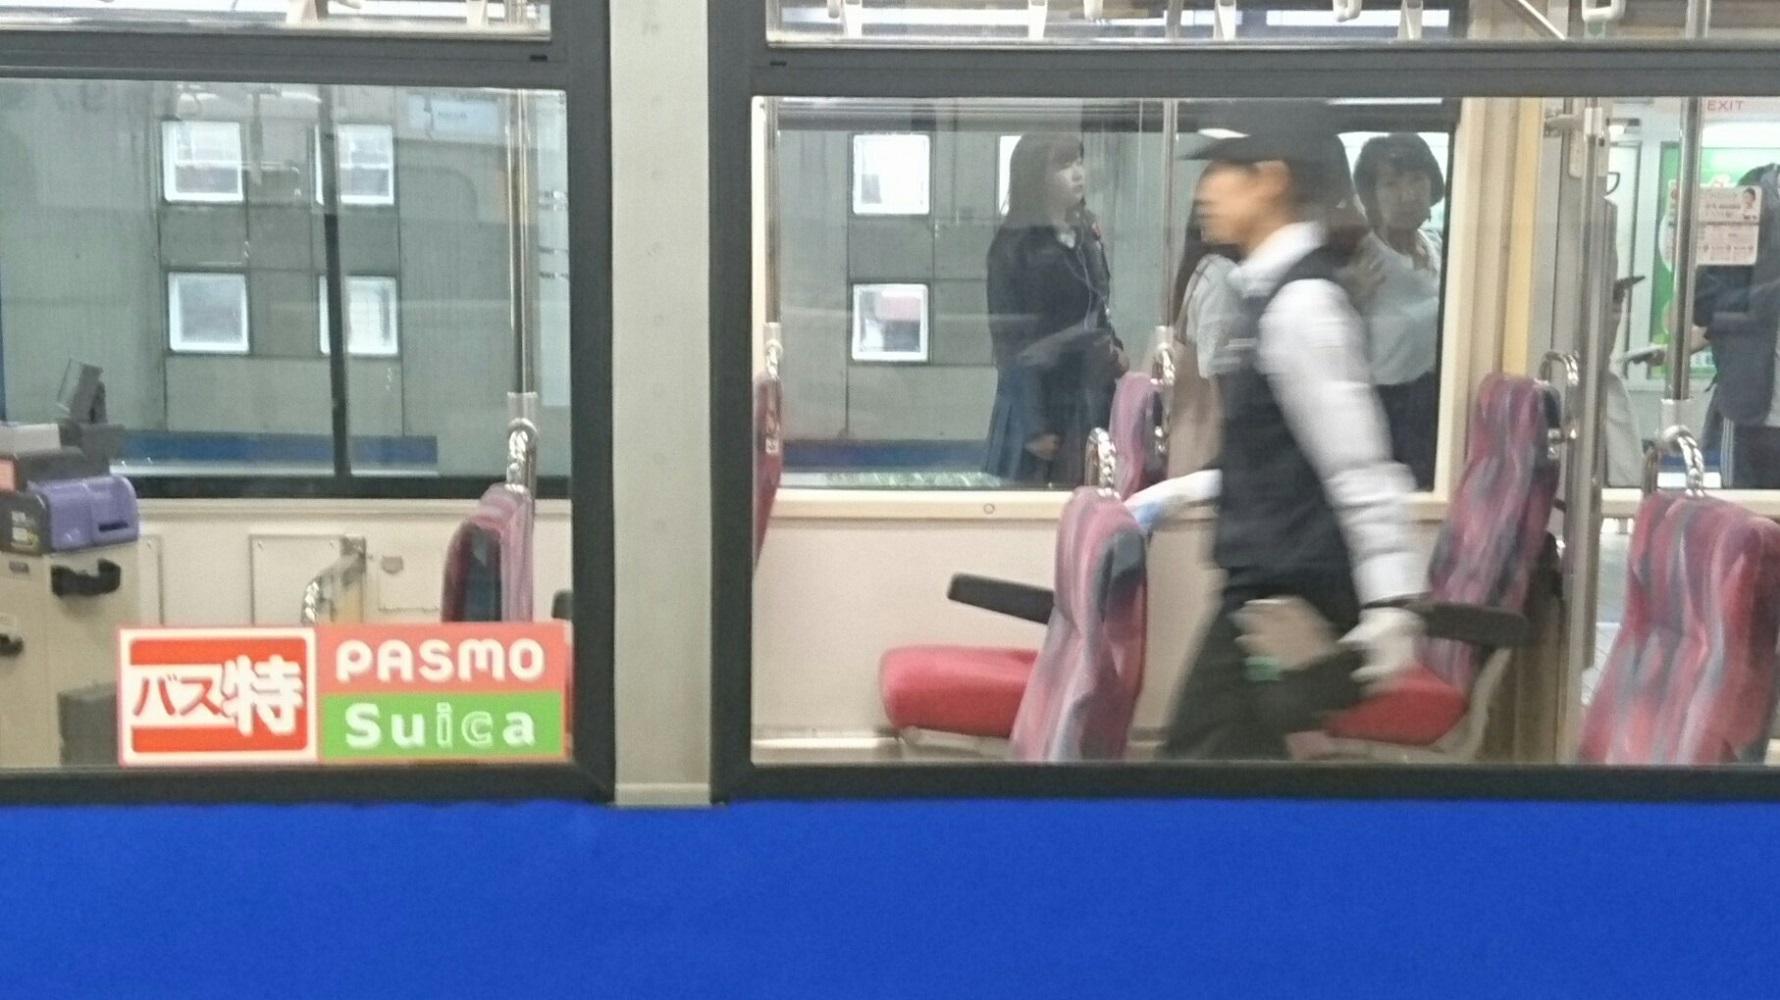 2017.10.12 東京 (134) 下高井戸 - 下高井戸いきふつう 1780-1000